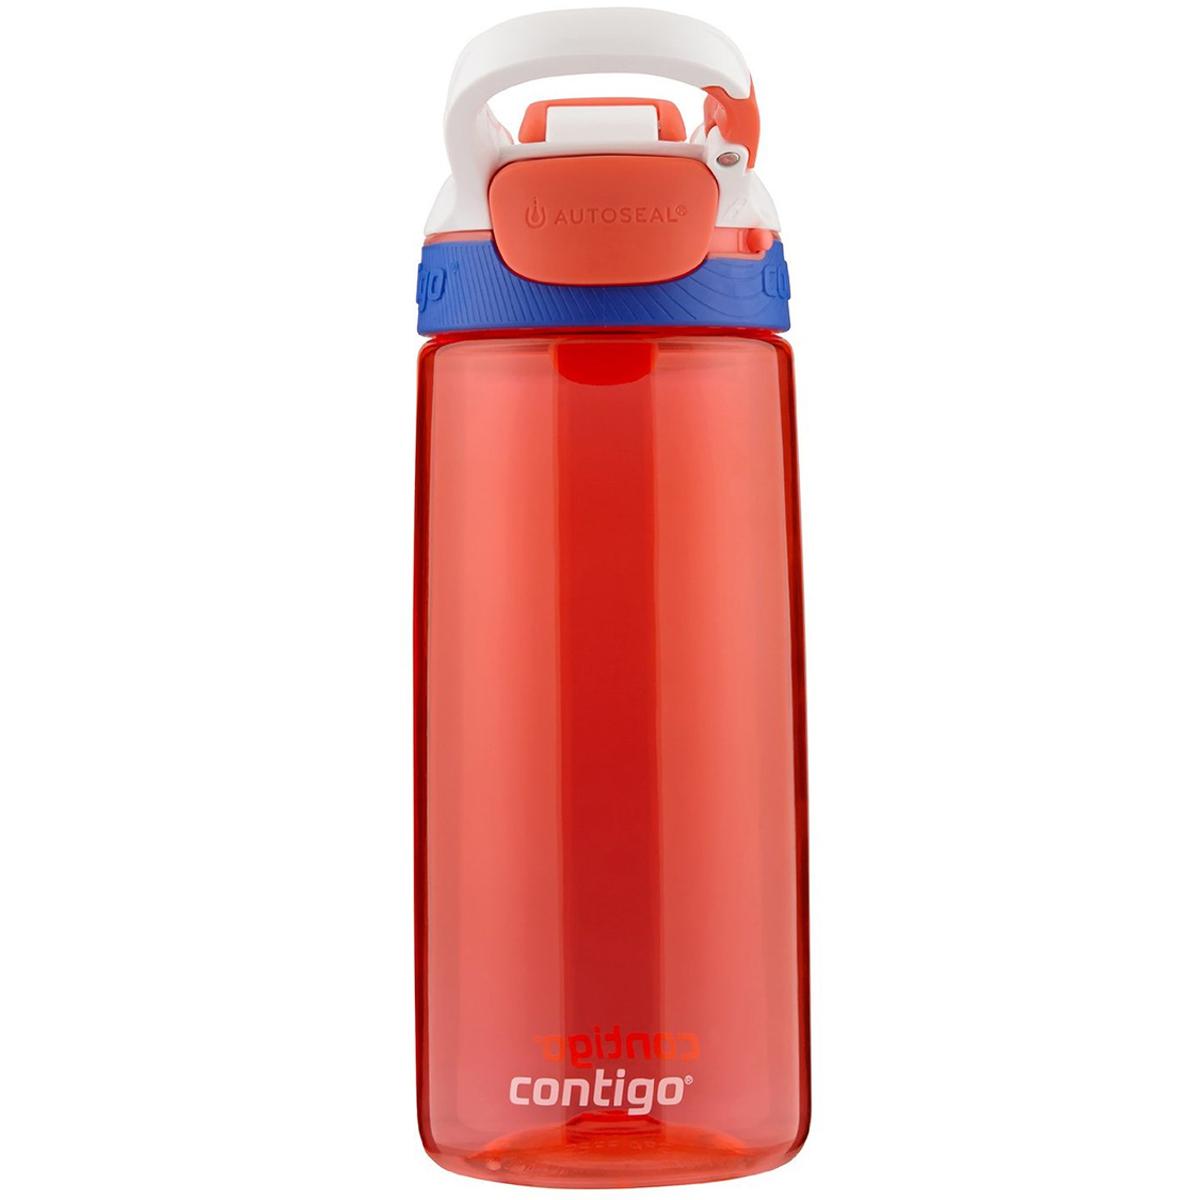 Contigo-20-oz-Kid-039-s-Courtney-AutoSeal-Water-Bottle thumbnail 27